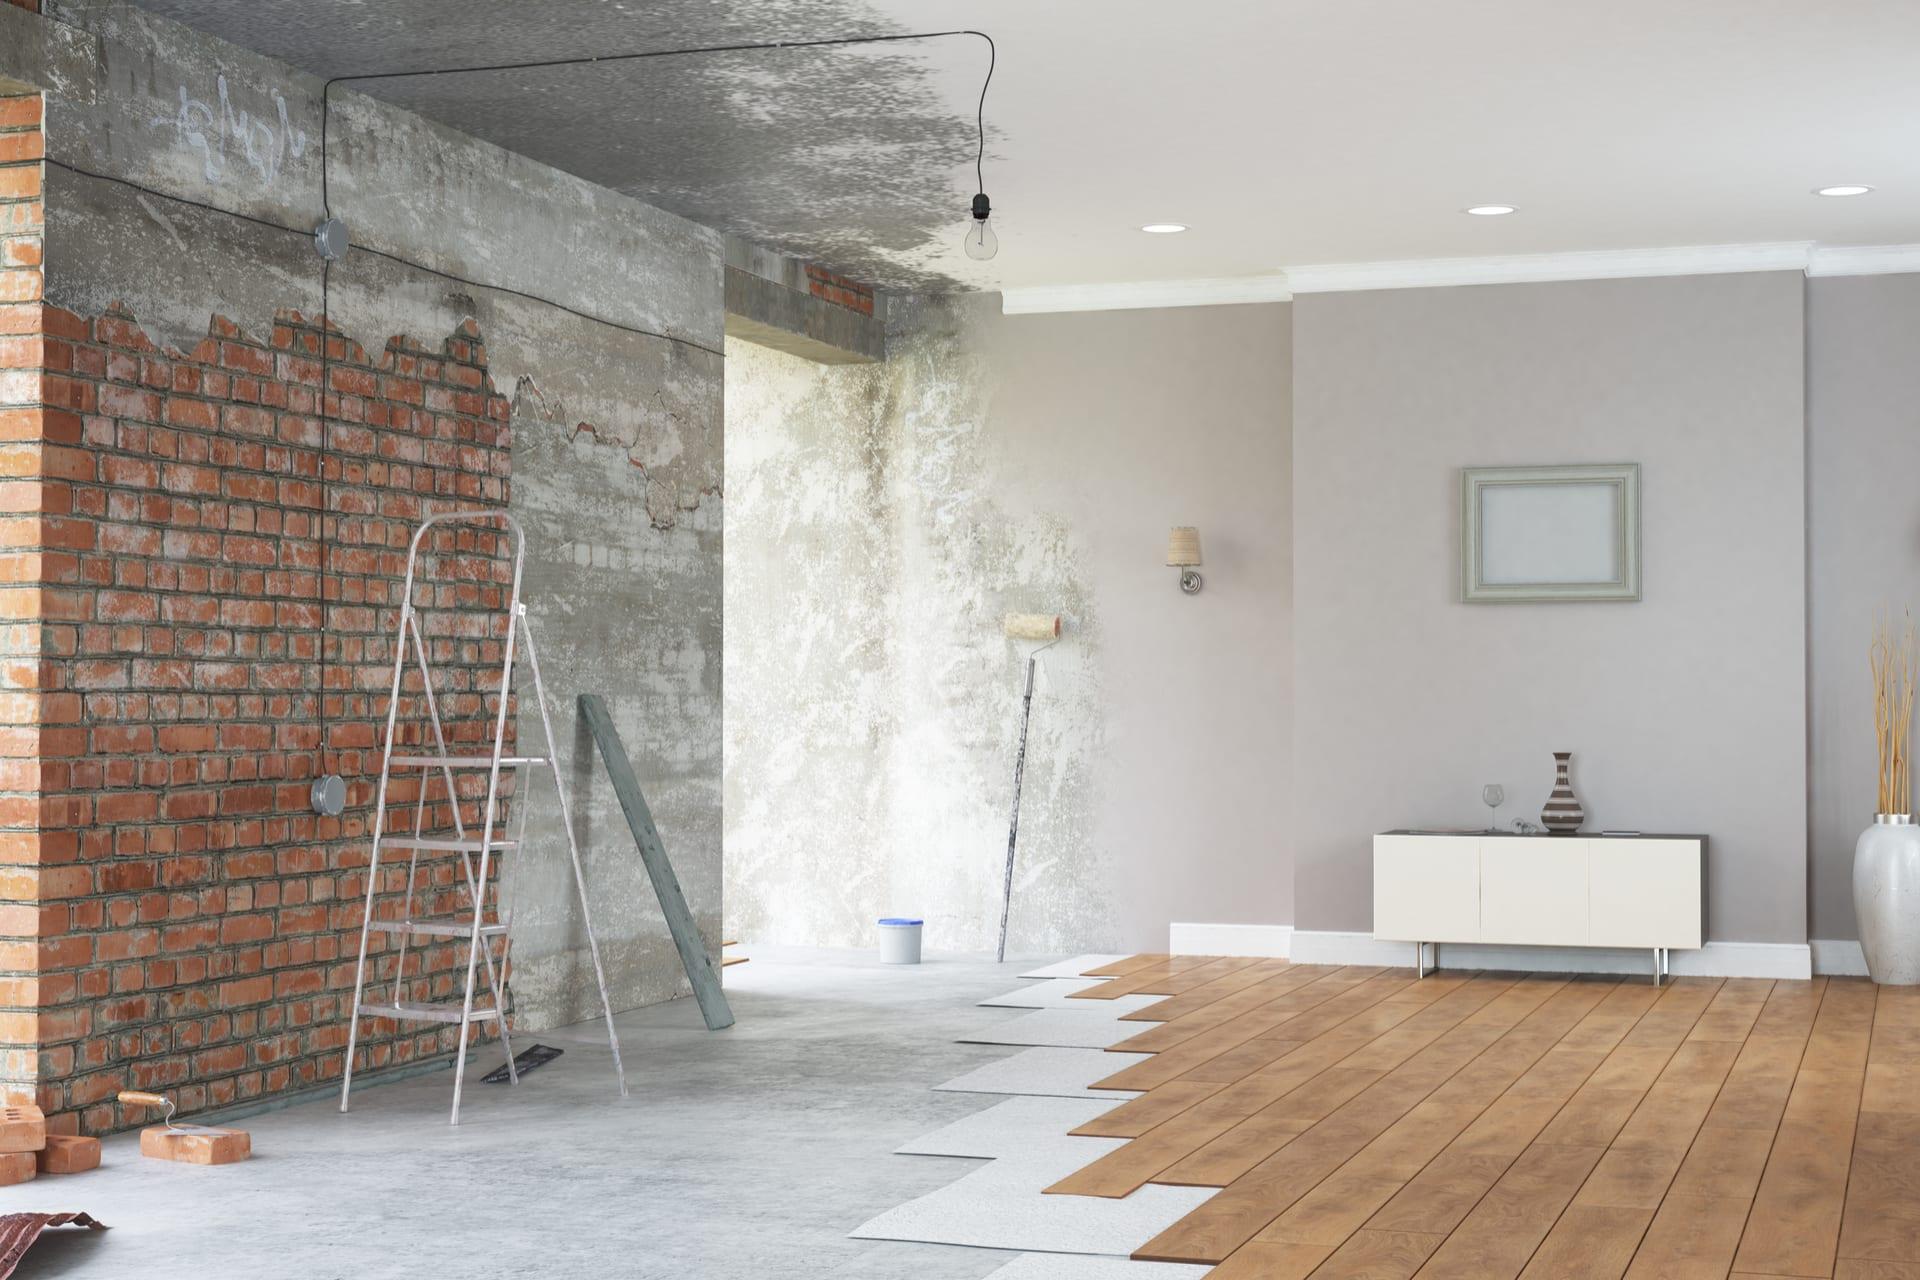 Как правильно сделать ремонт в квартире: поэтапное планирование